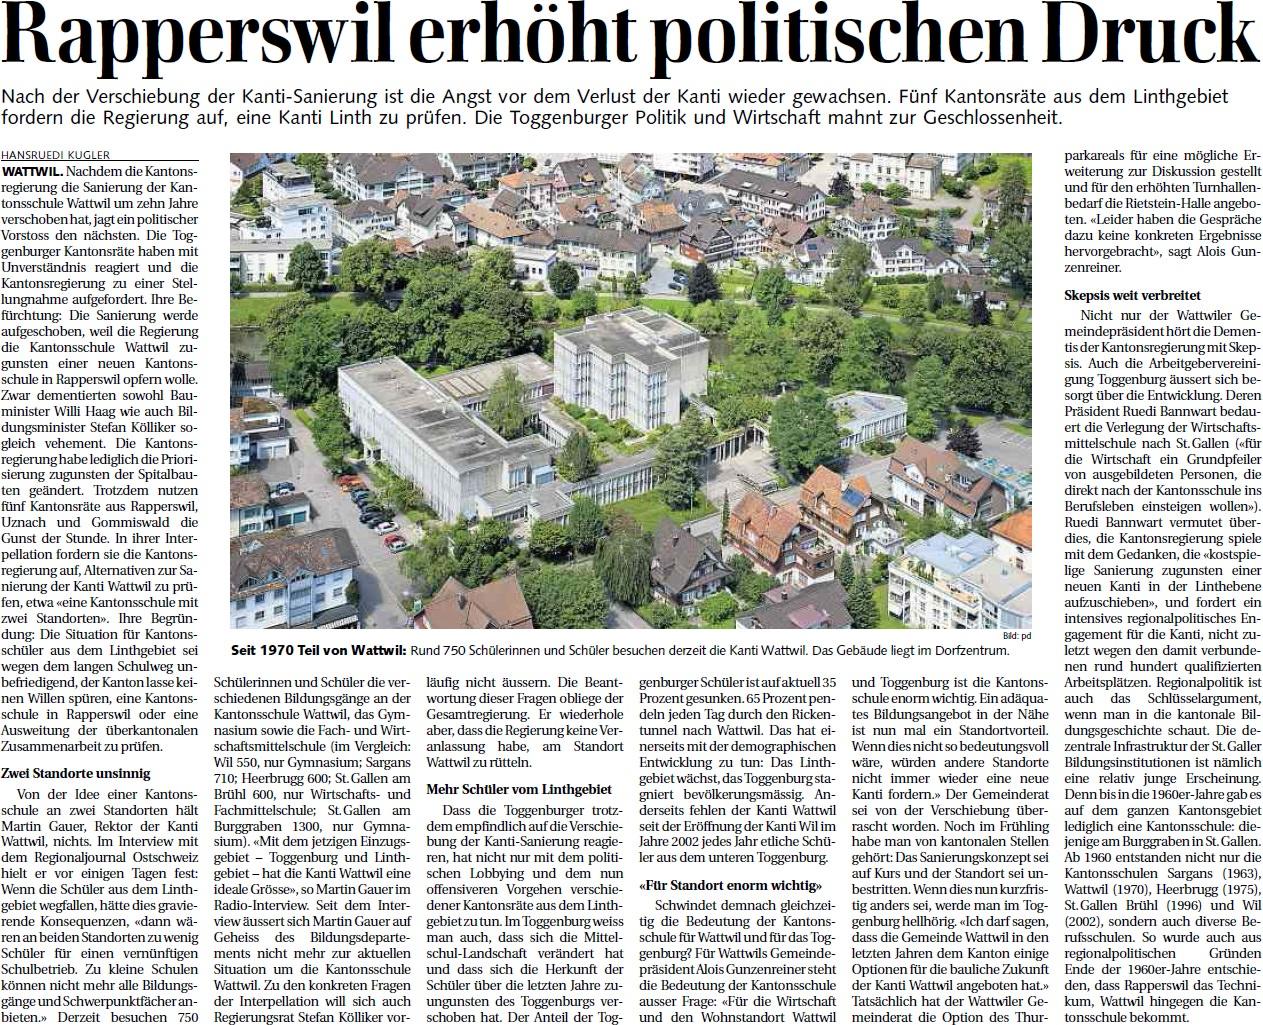 Rapperswil erhöht politischen Druck (Mittwoch, 12.06.2013)